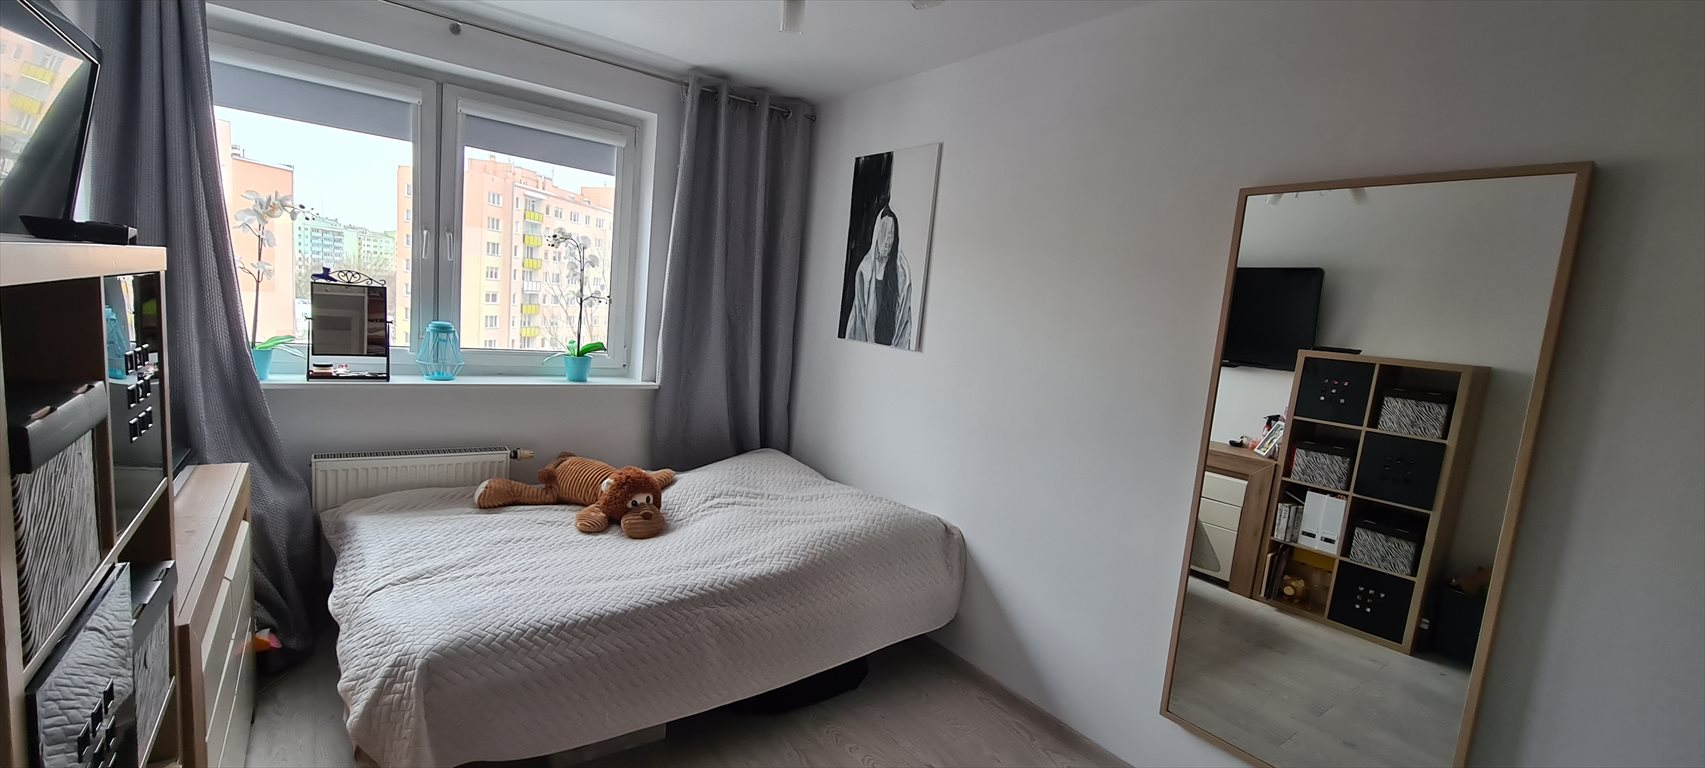 Mieszkanie trzypokojowe na sprzedaż Warszawa, Bielany, Esej  74m2 Foto 4